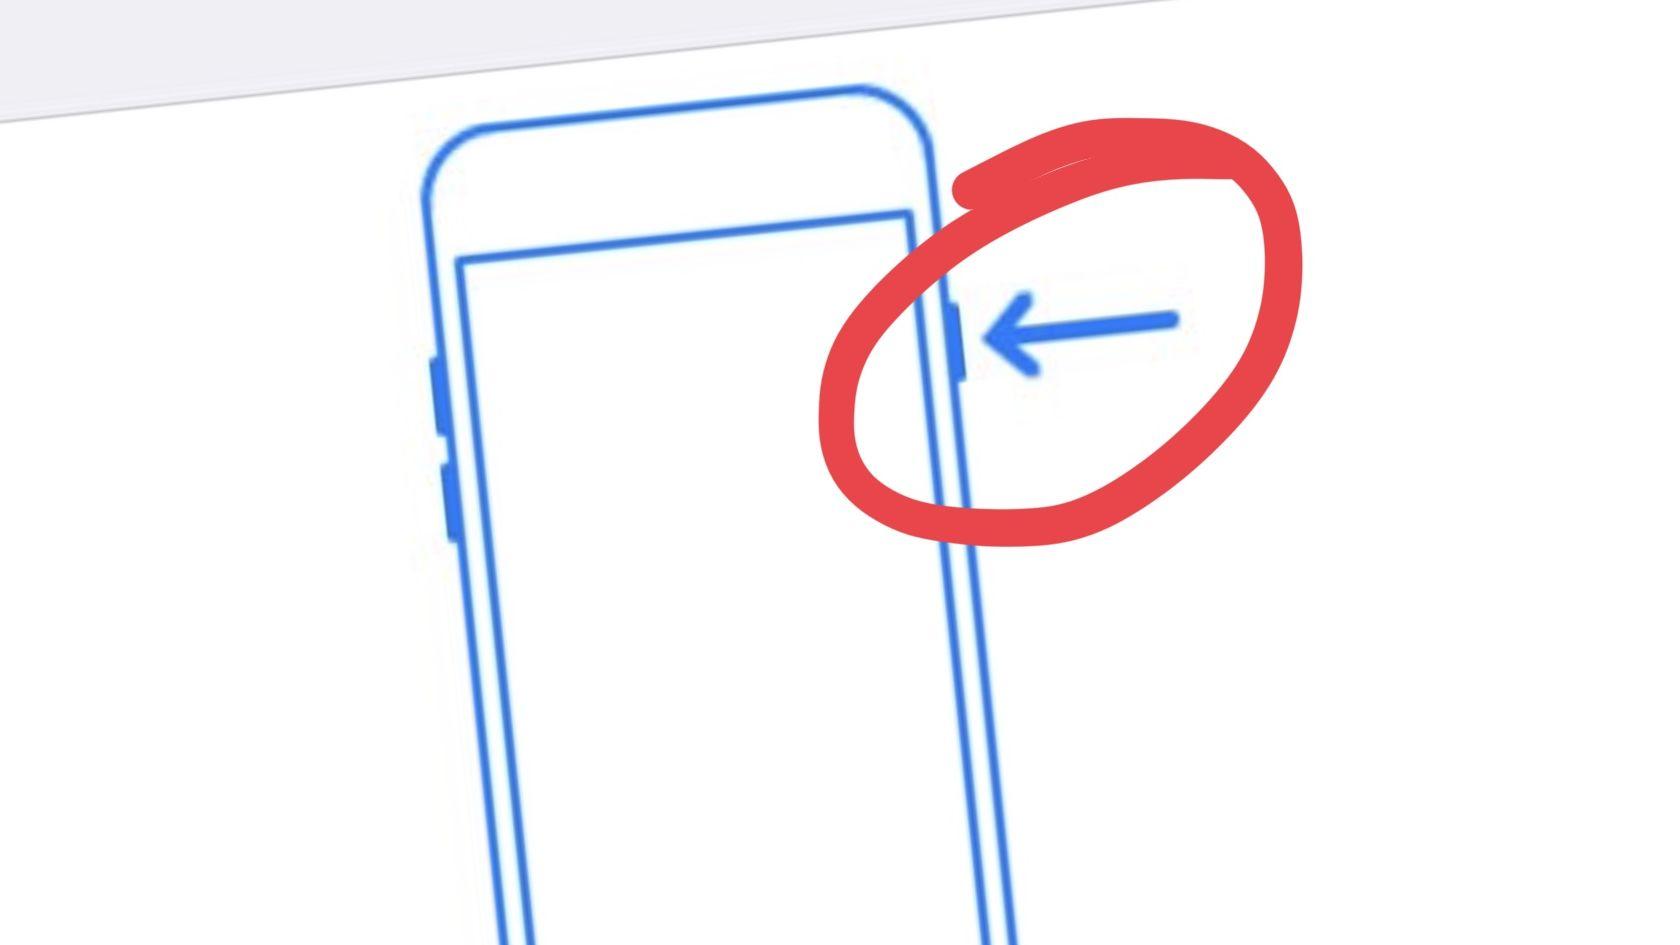 Fem trykk på på-knappen deaktiverer Touch ID til koden tastes.